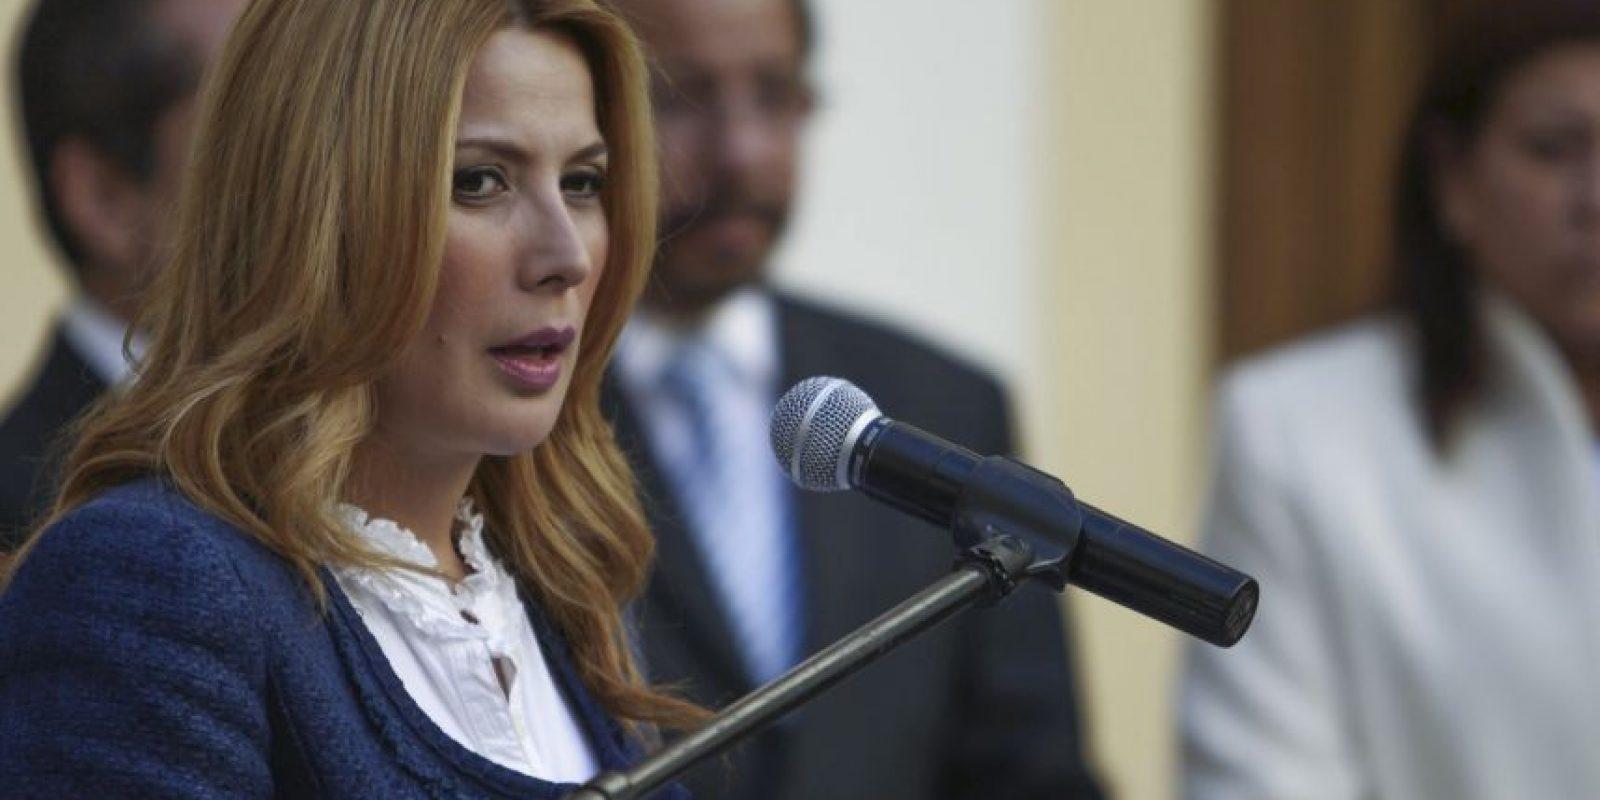 Margarita Arellanes, ex alcaldesa de Monterrey   Cuartoscuro/Archivo. Imagen Por: Margarita Arellanes, ex alcaldesa de Monterrey   Cuartoscuro/Archivo